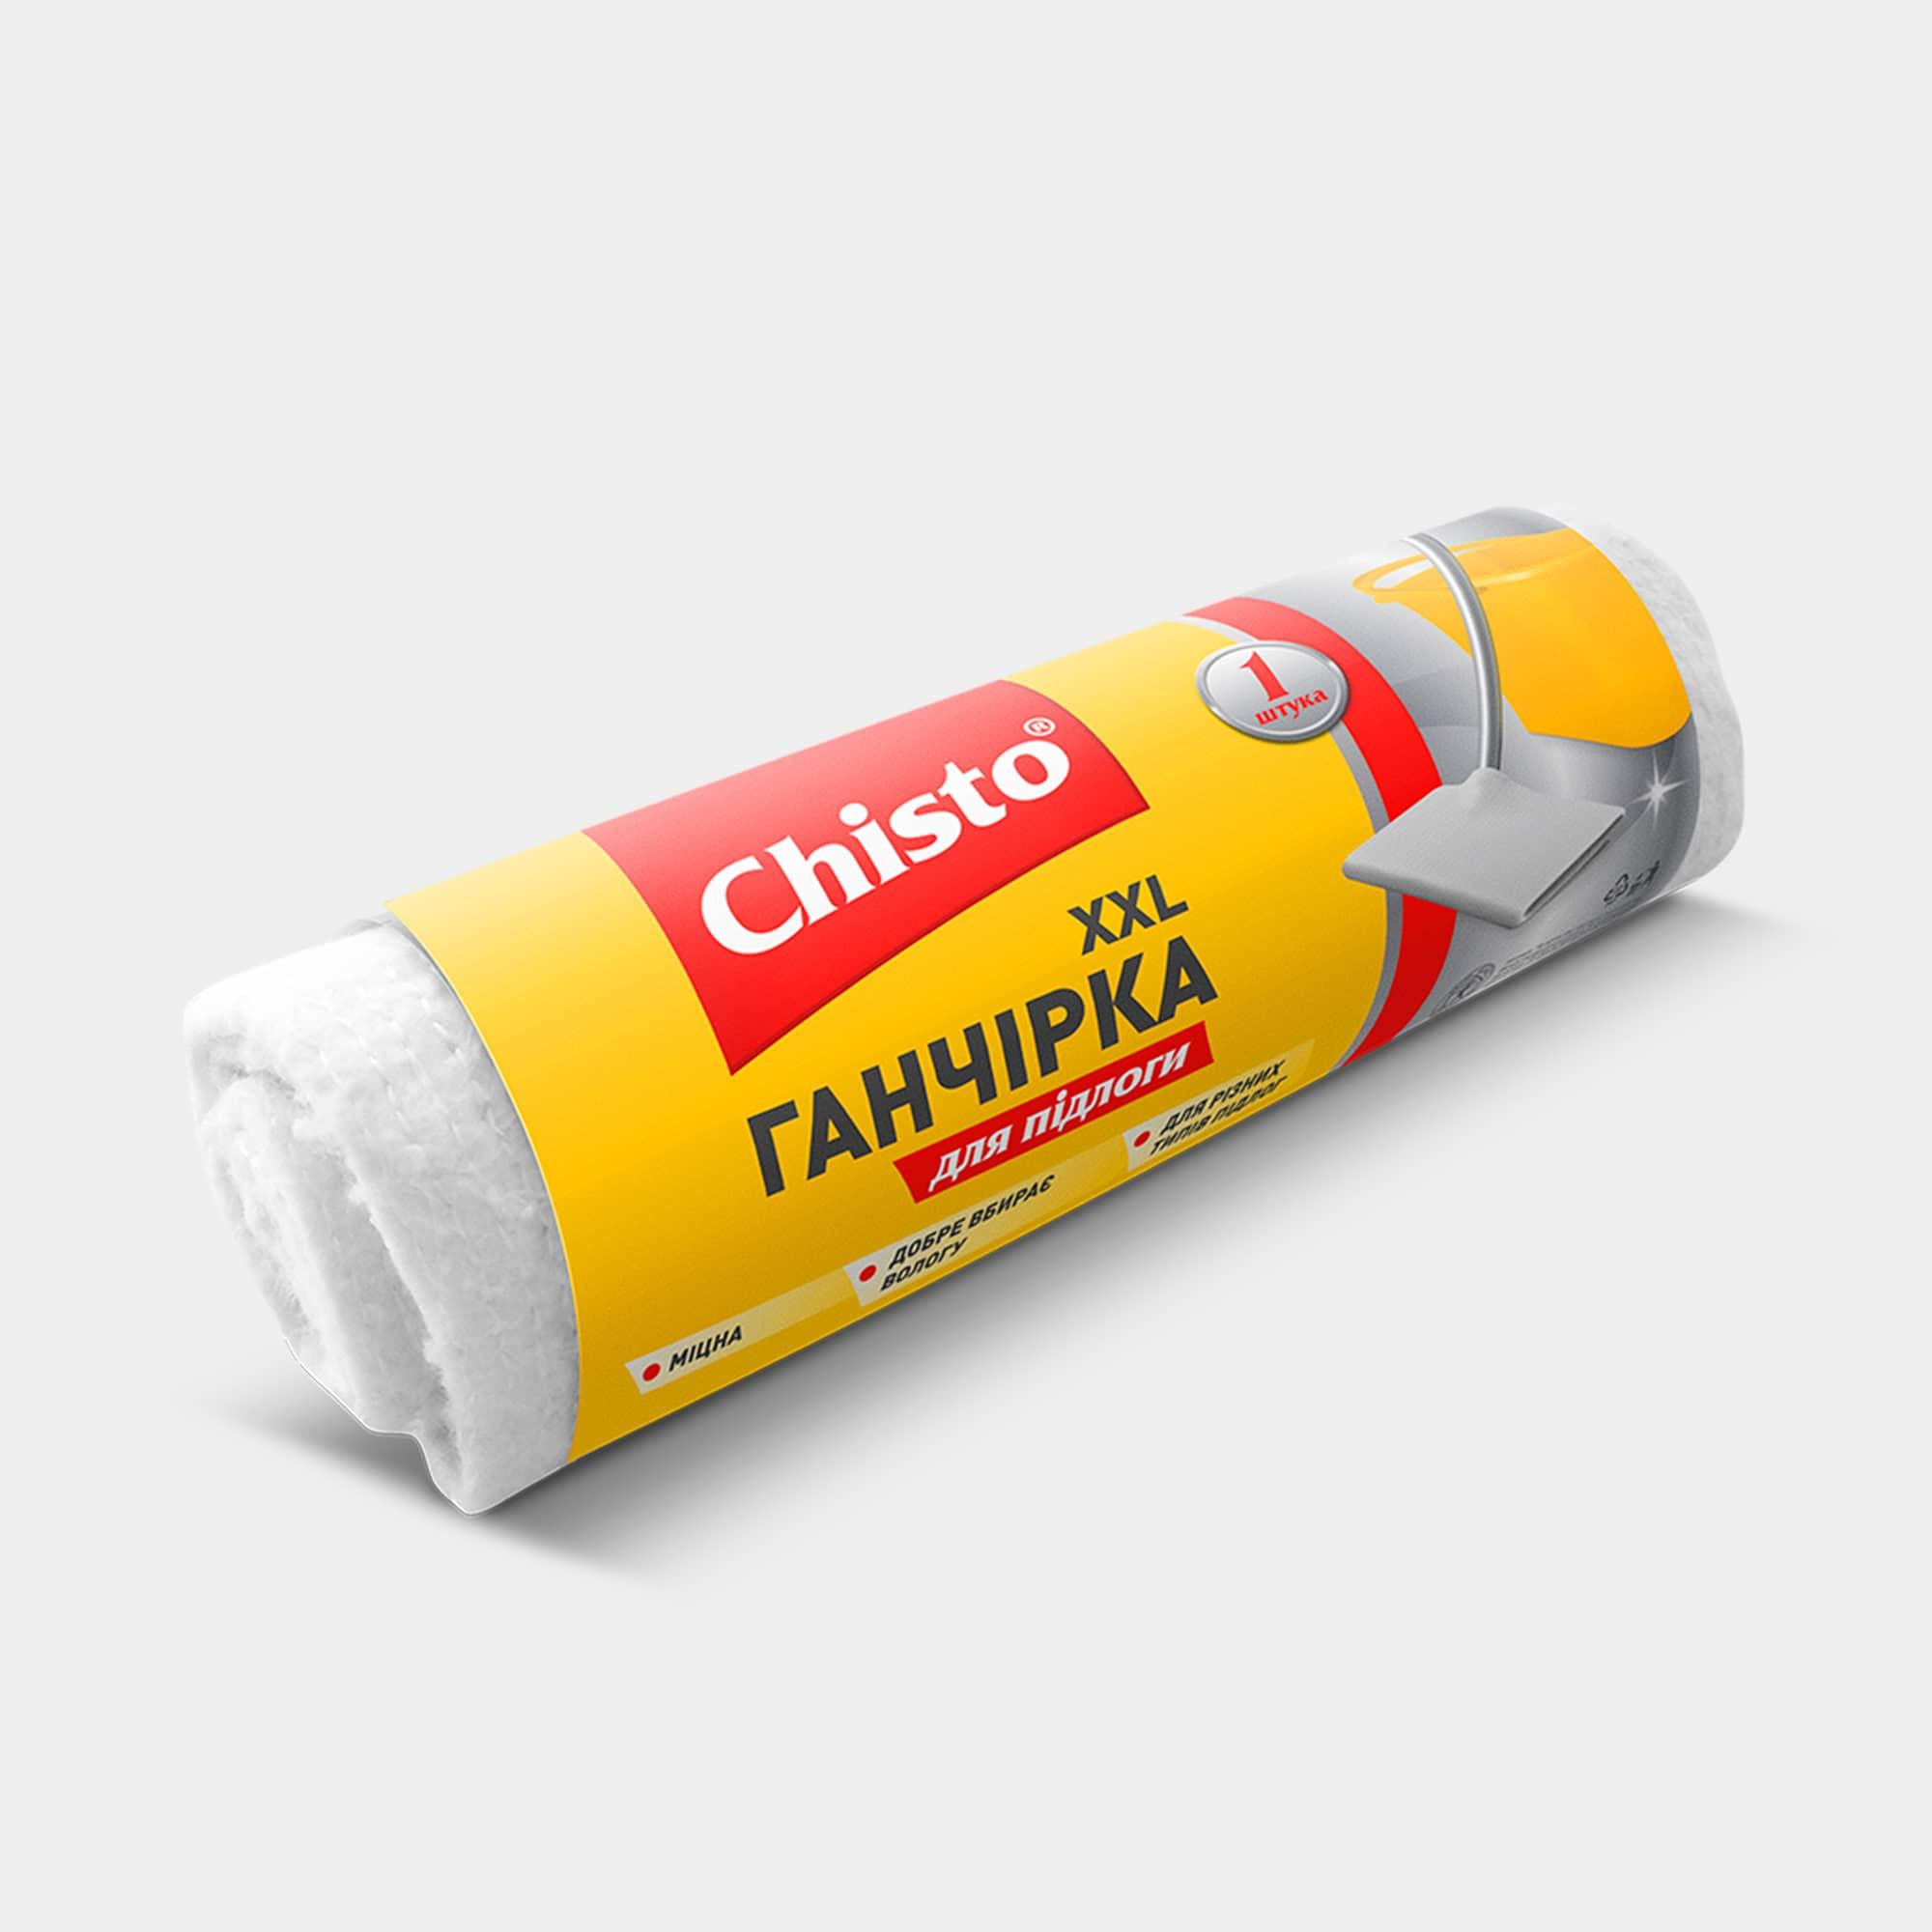 Ганчірка для підлоги ХХL ТМ «Chisto», 1 шт.